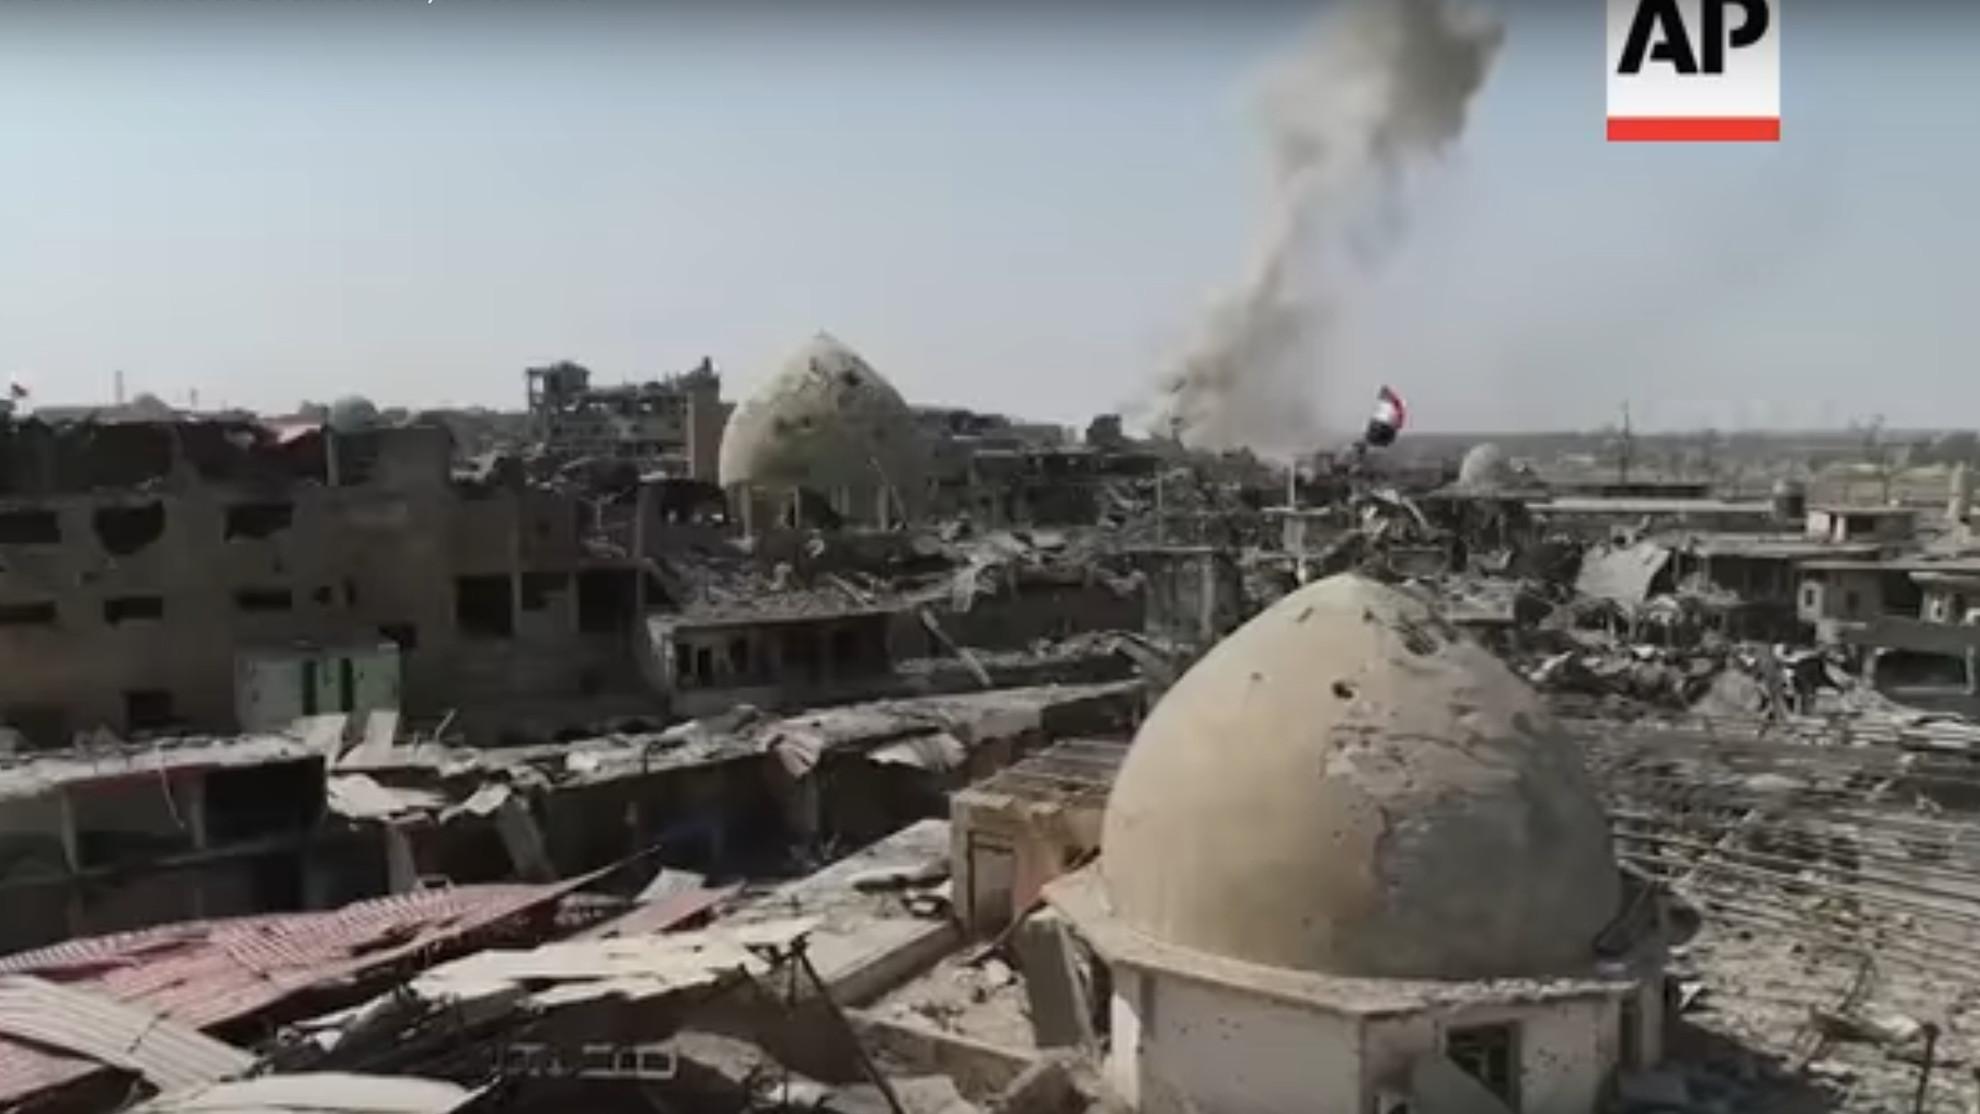 Drohnen-Video von Mossul: Das ganze Ausmaß der Zerstörung